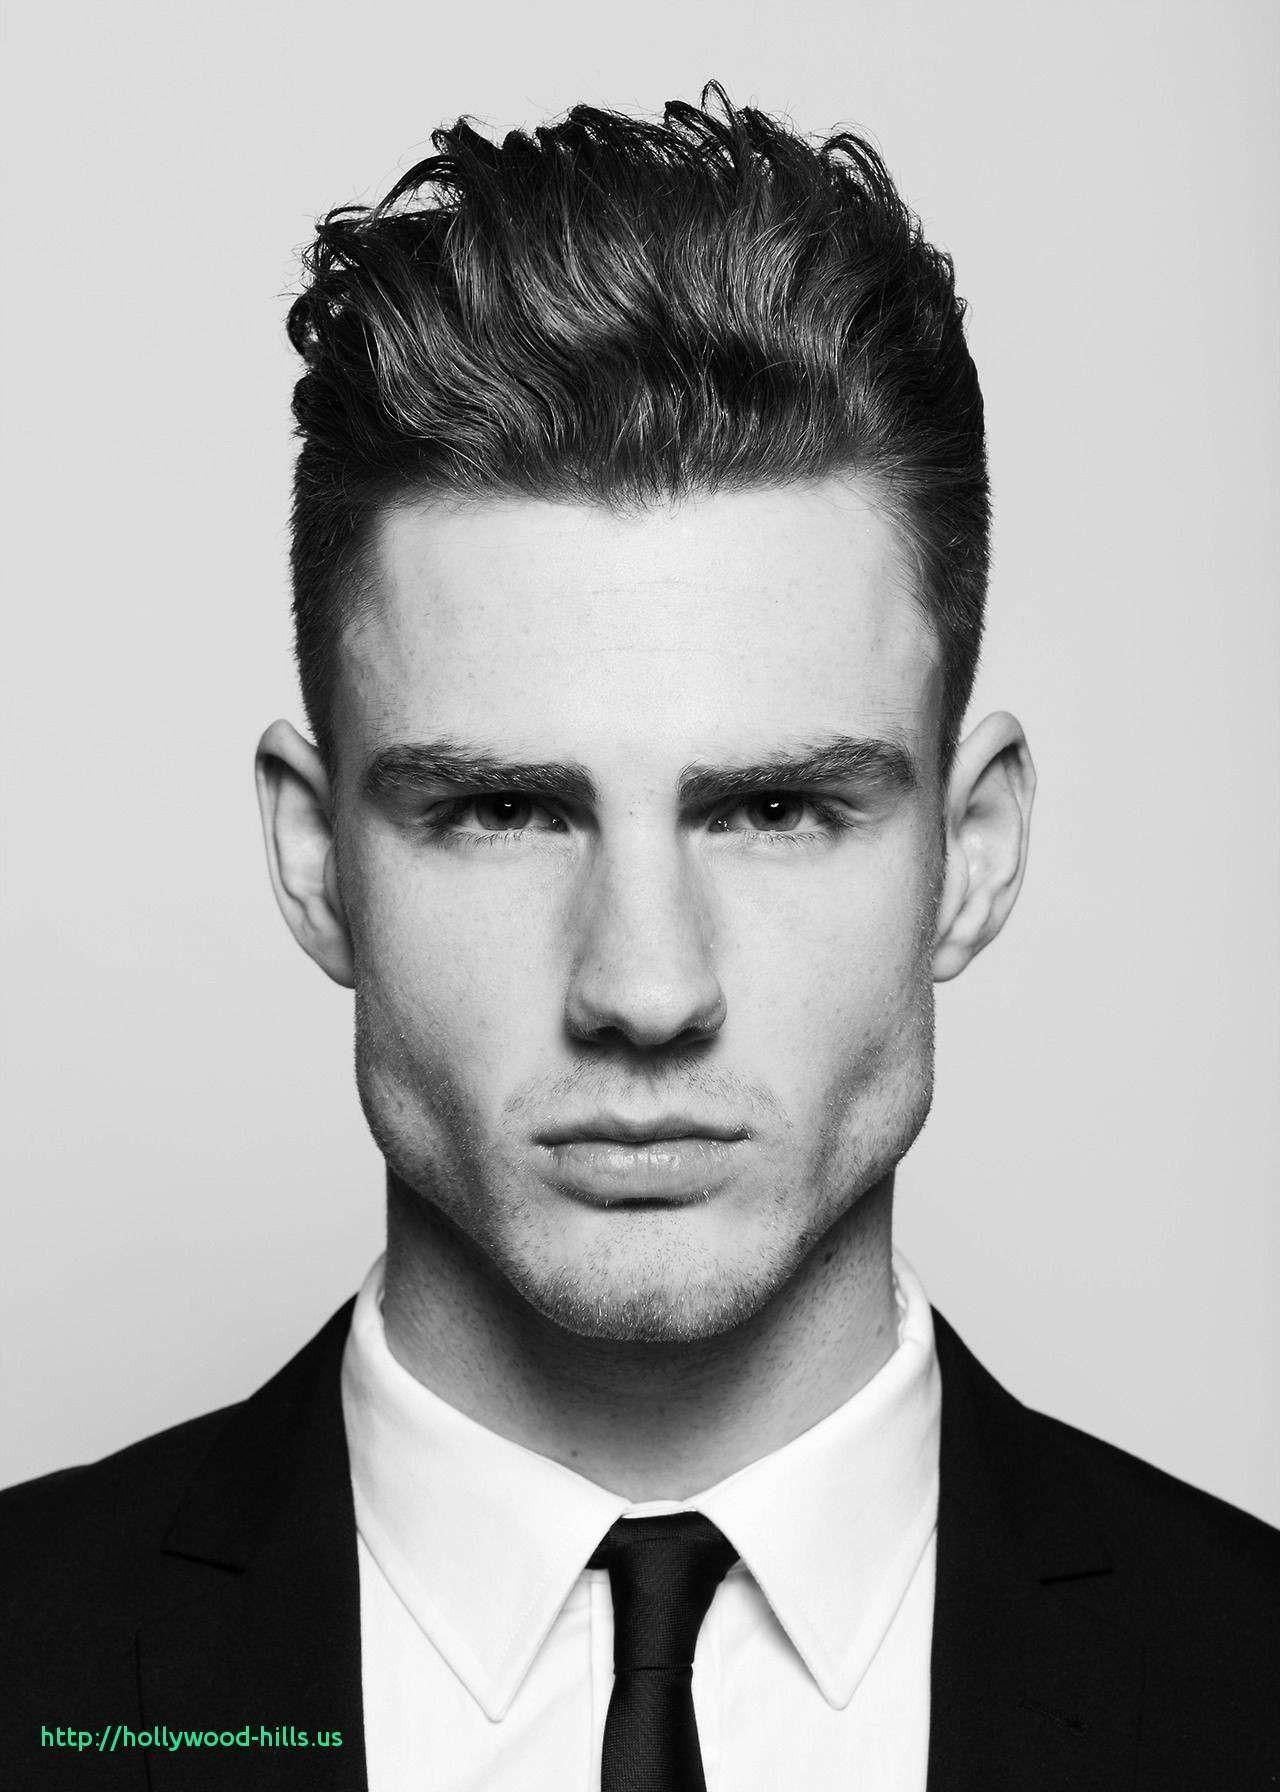 Frisuren Manner Ovales Gesicht Www Promifrisure Frisuren